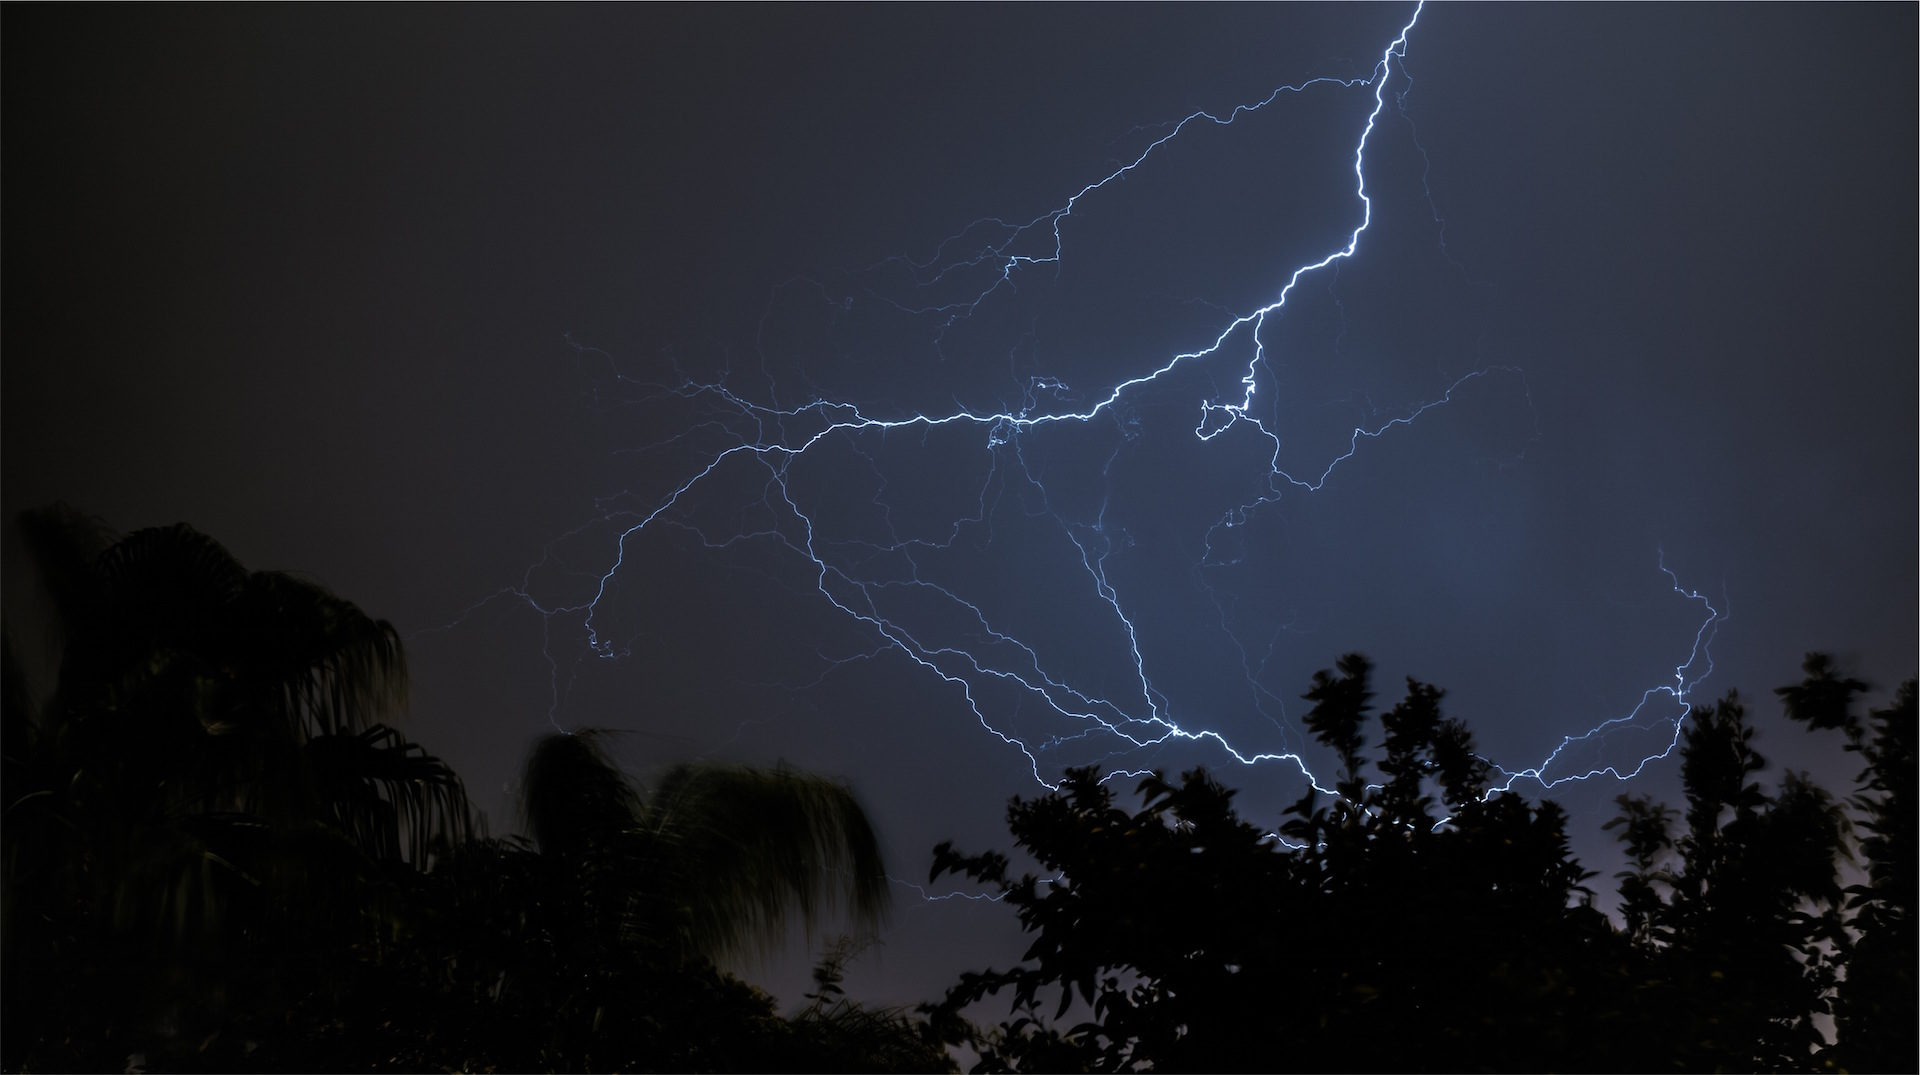 Ray, Tempesta, Fulmine, pioggia, alberi - Sfondi HD - Professor-falken.com